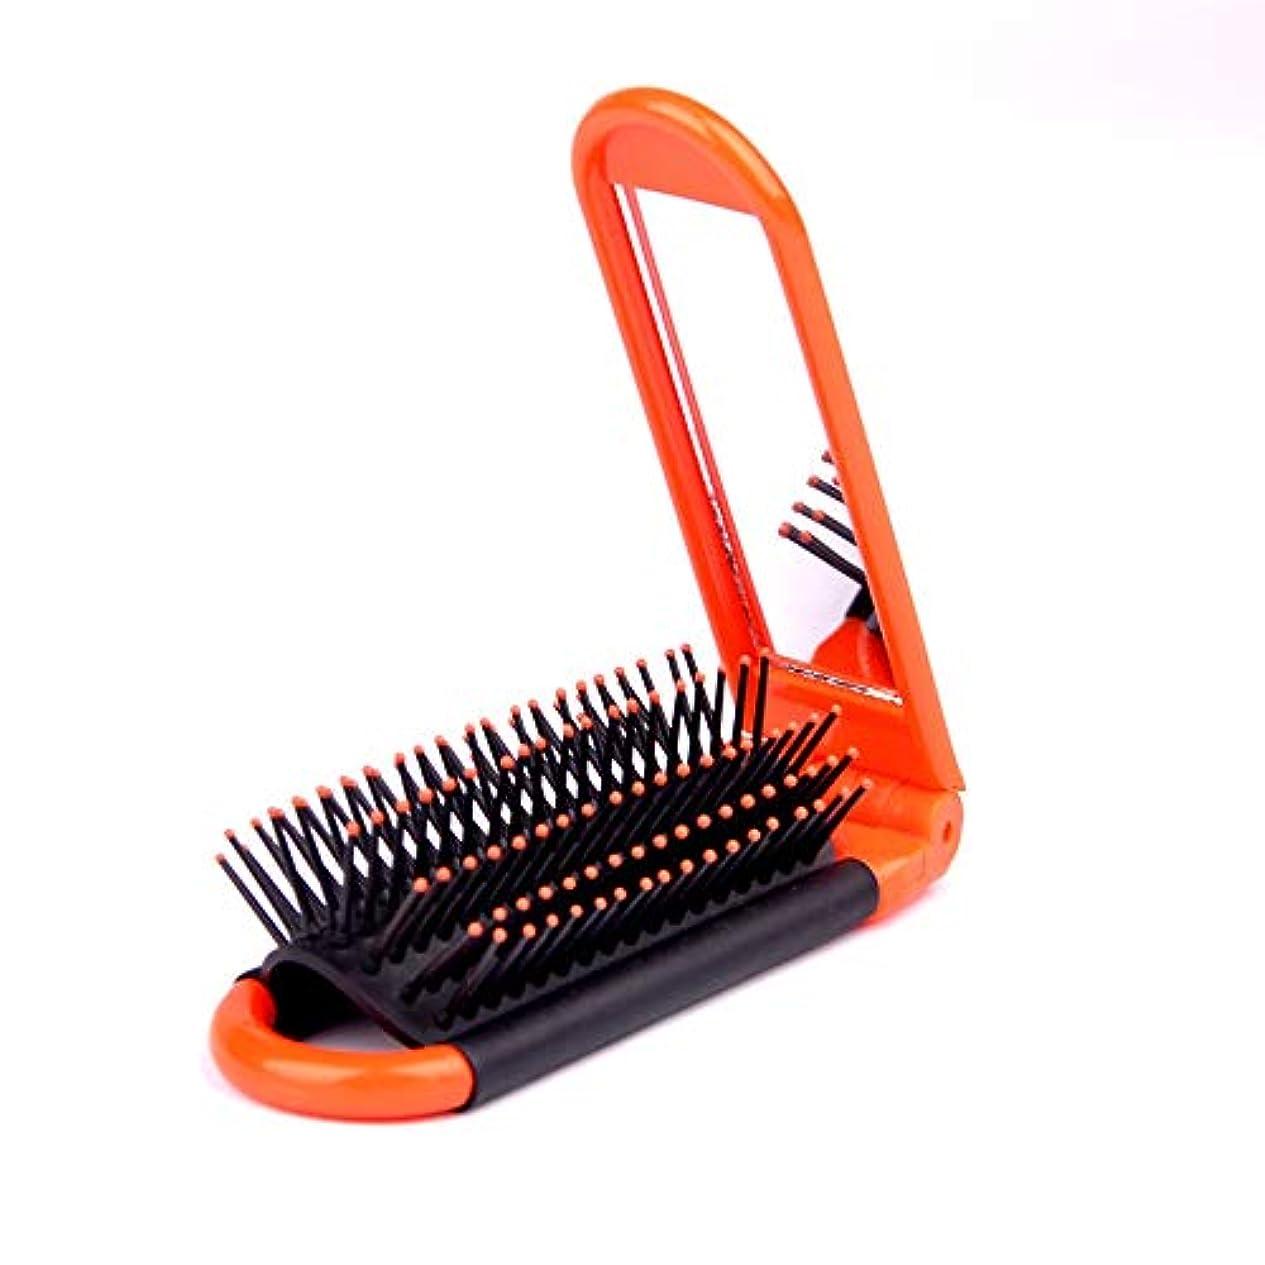 ネット杭手荷物ヘアーコーム ポータブル折り畳み式ミラー櫛プラスチック櫛ラウンド小さな曲線の歯男性&女性のための 理髪の櫛 (色 : オレンジ)